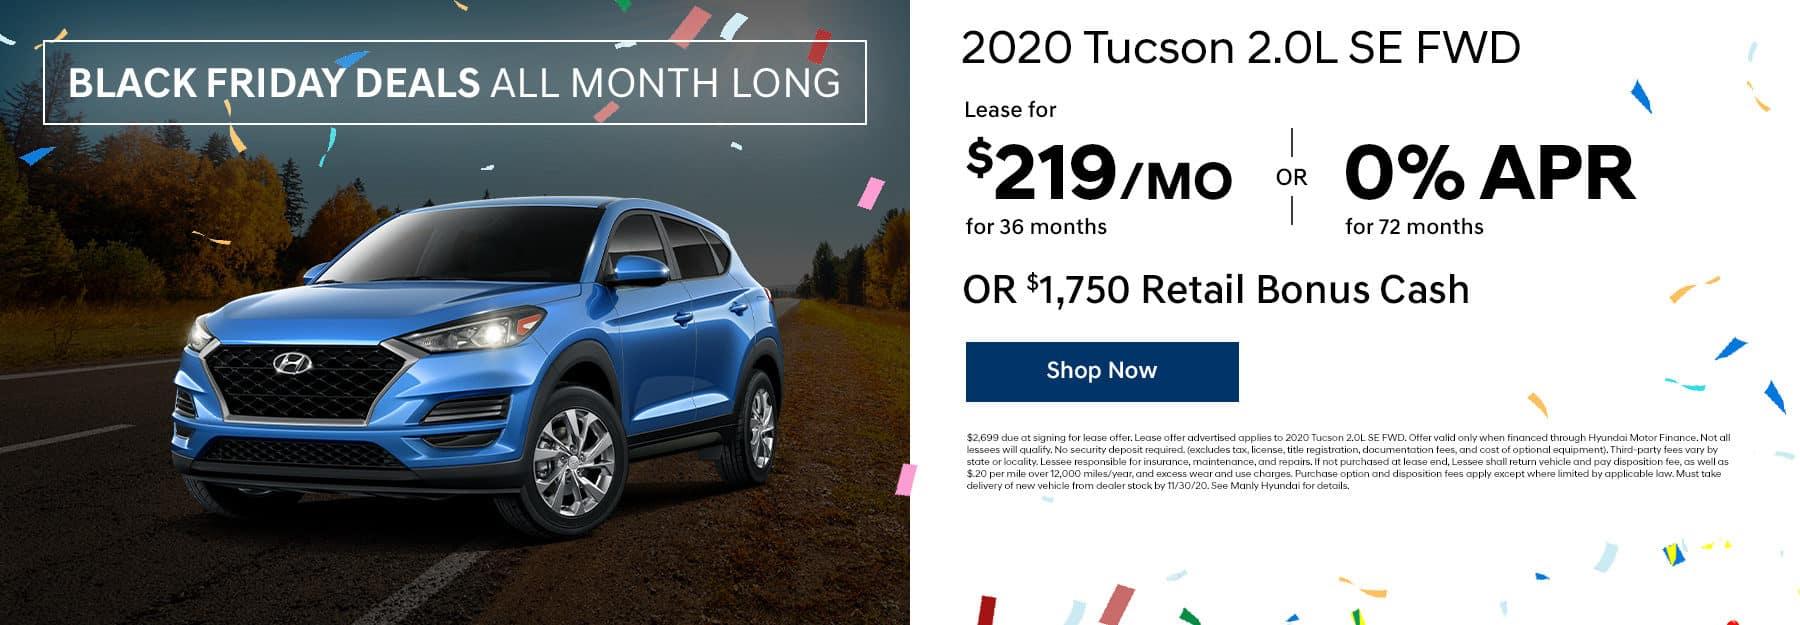 2020 tucson offer